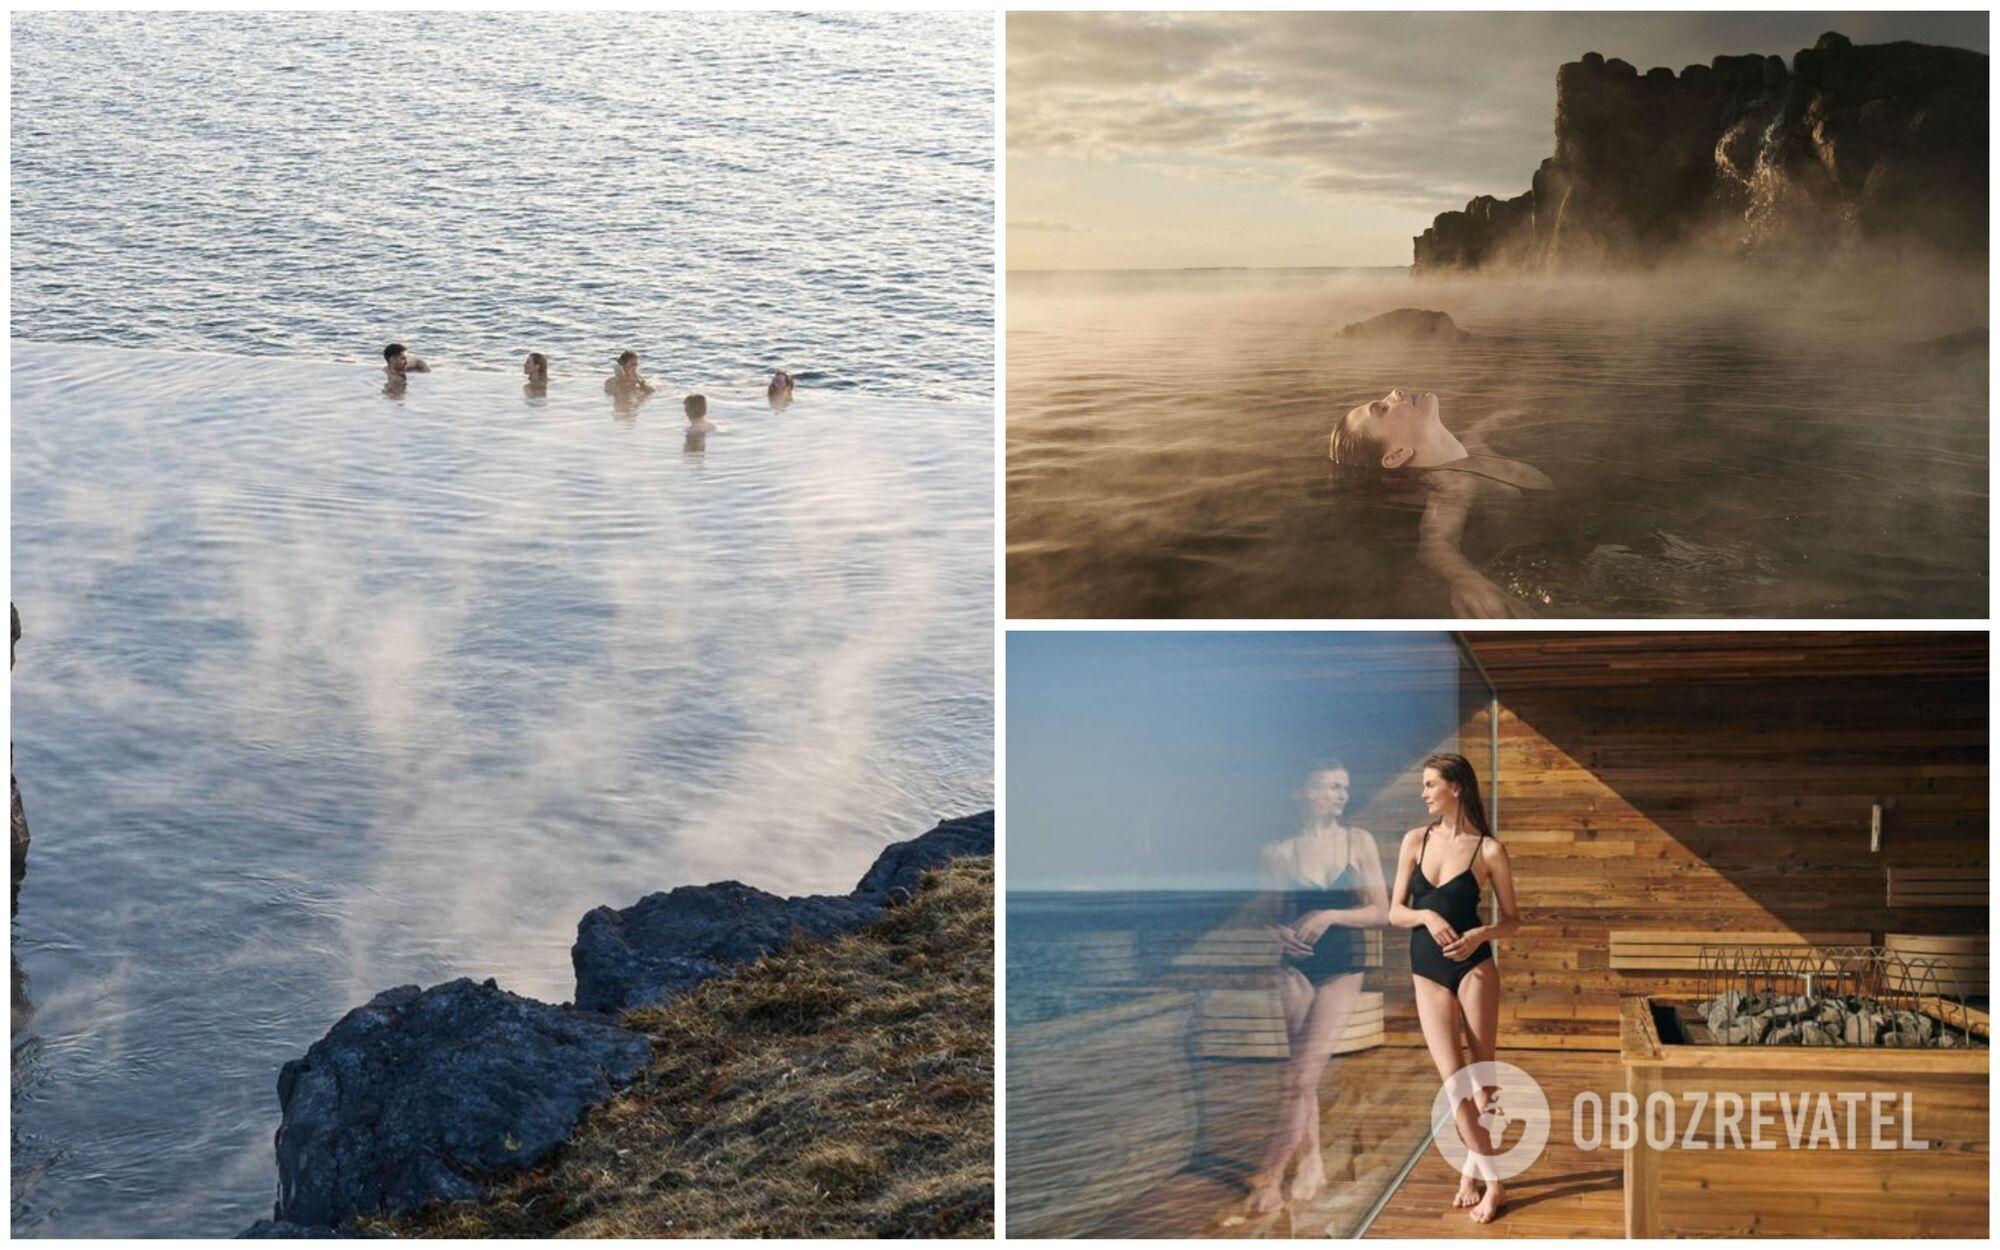 Ісландія в липні 2021 року компанія Pursuit відкрила курорт Sky Lagoon